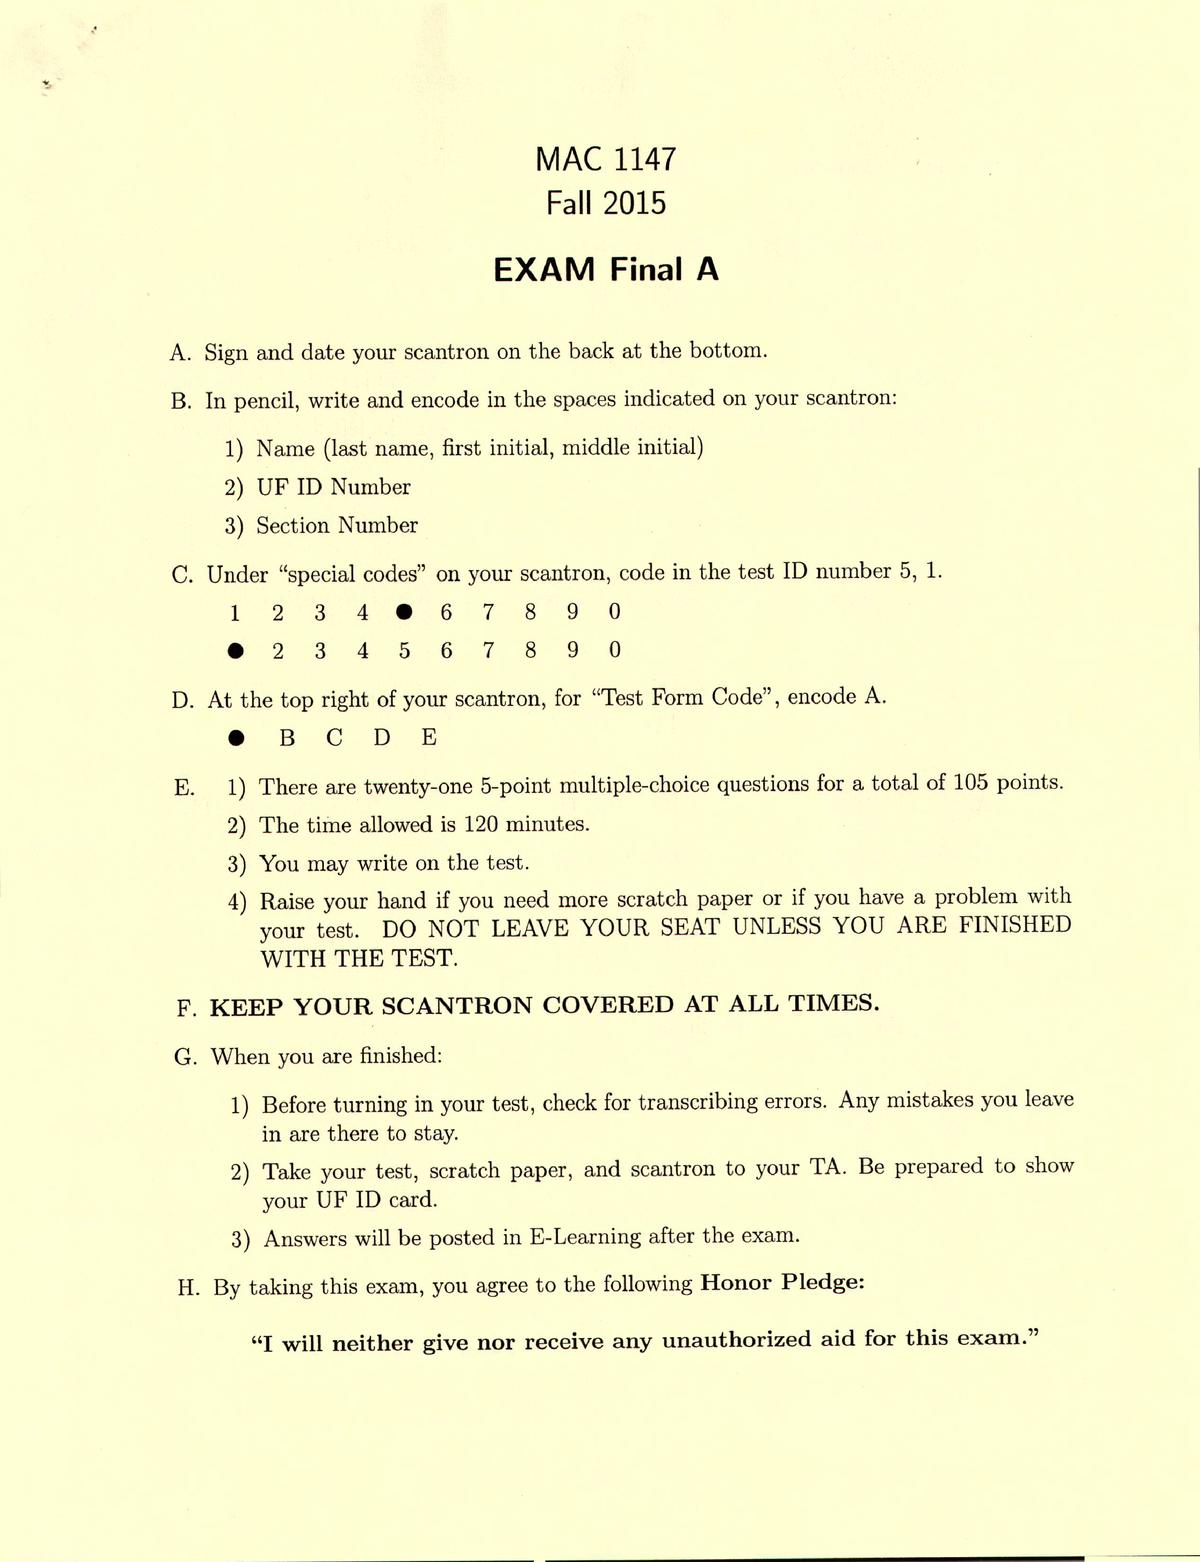 Exam 2015, Questions - Fall Final Exam A - MAC 1147 - StuDocu